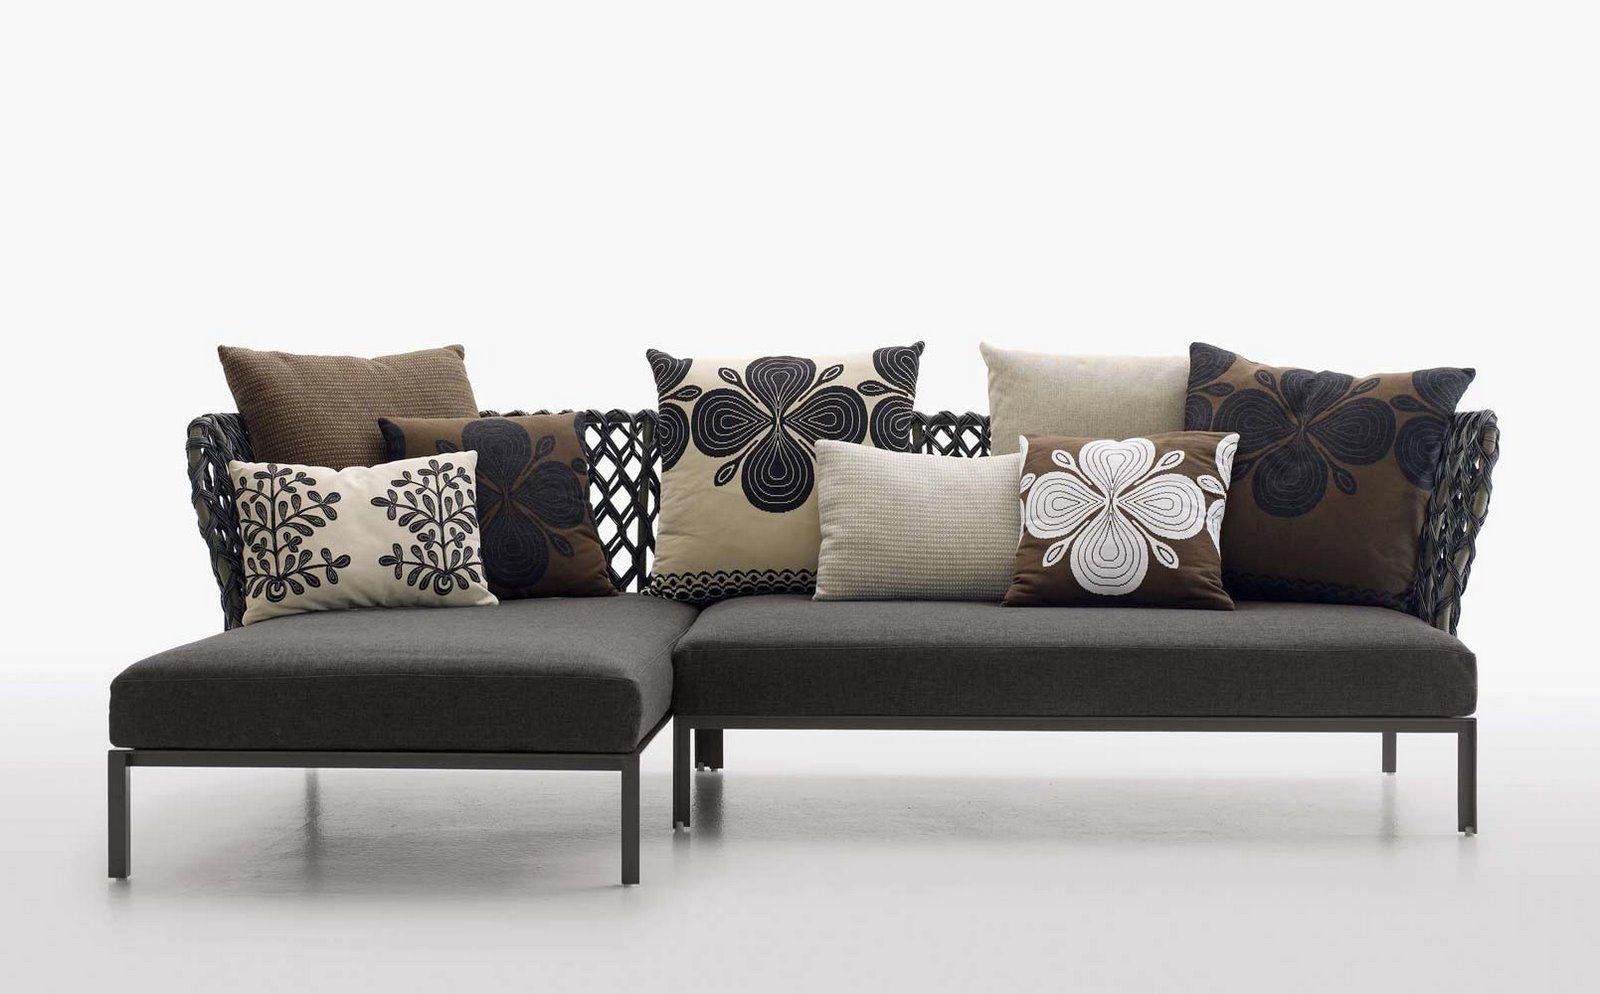 Die Besten Möbelhäuser, Einrichtungshäuser Und Fachhändler Finden Sie Auf  Designbest, Die Suchmaschine Für Designermöbel Und  Einrichtungen.